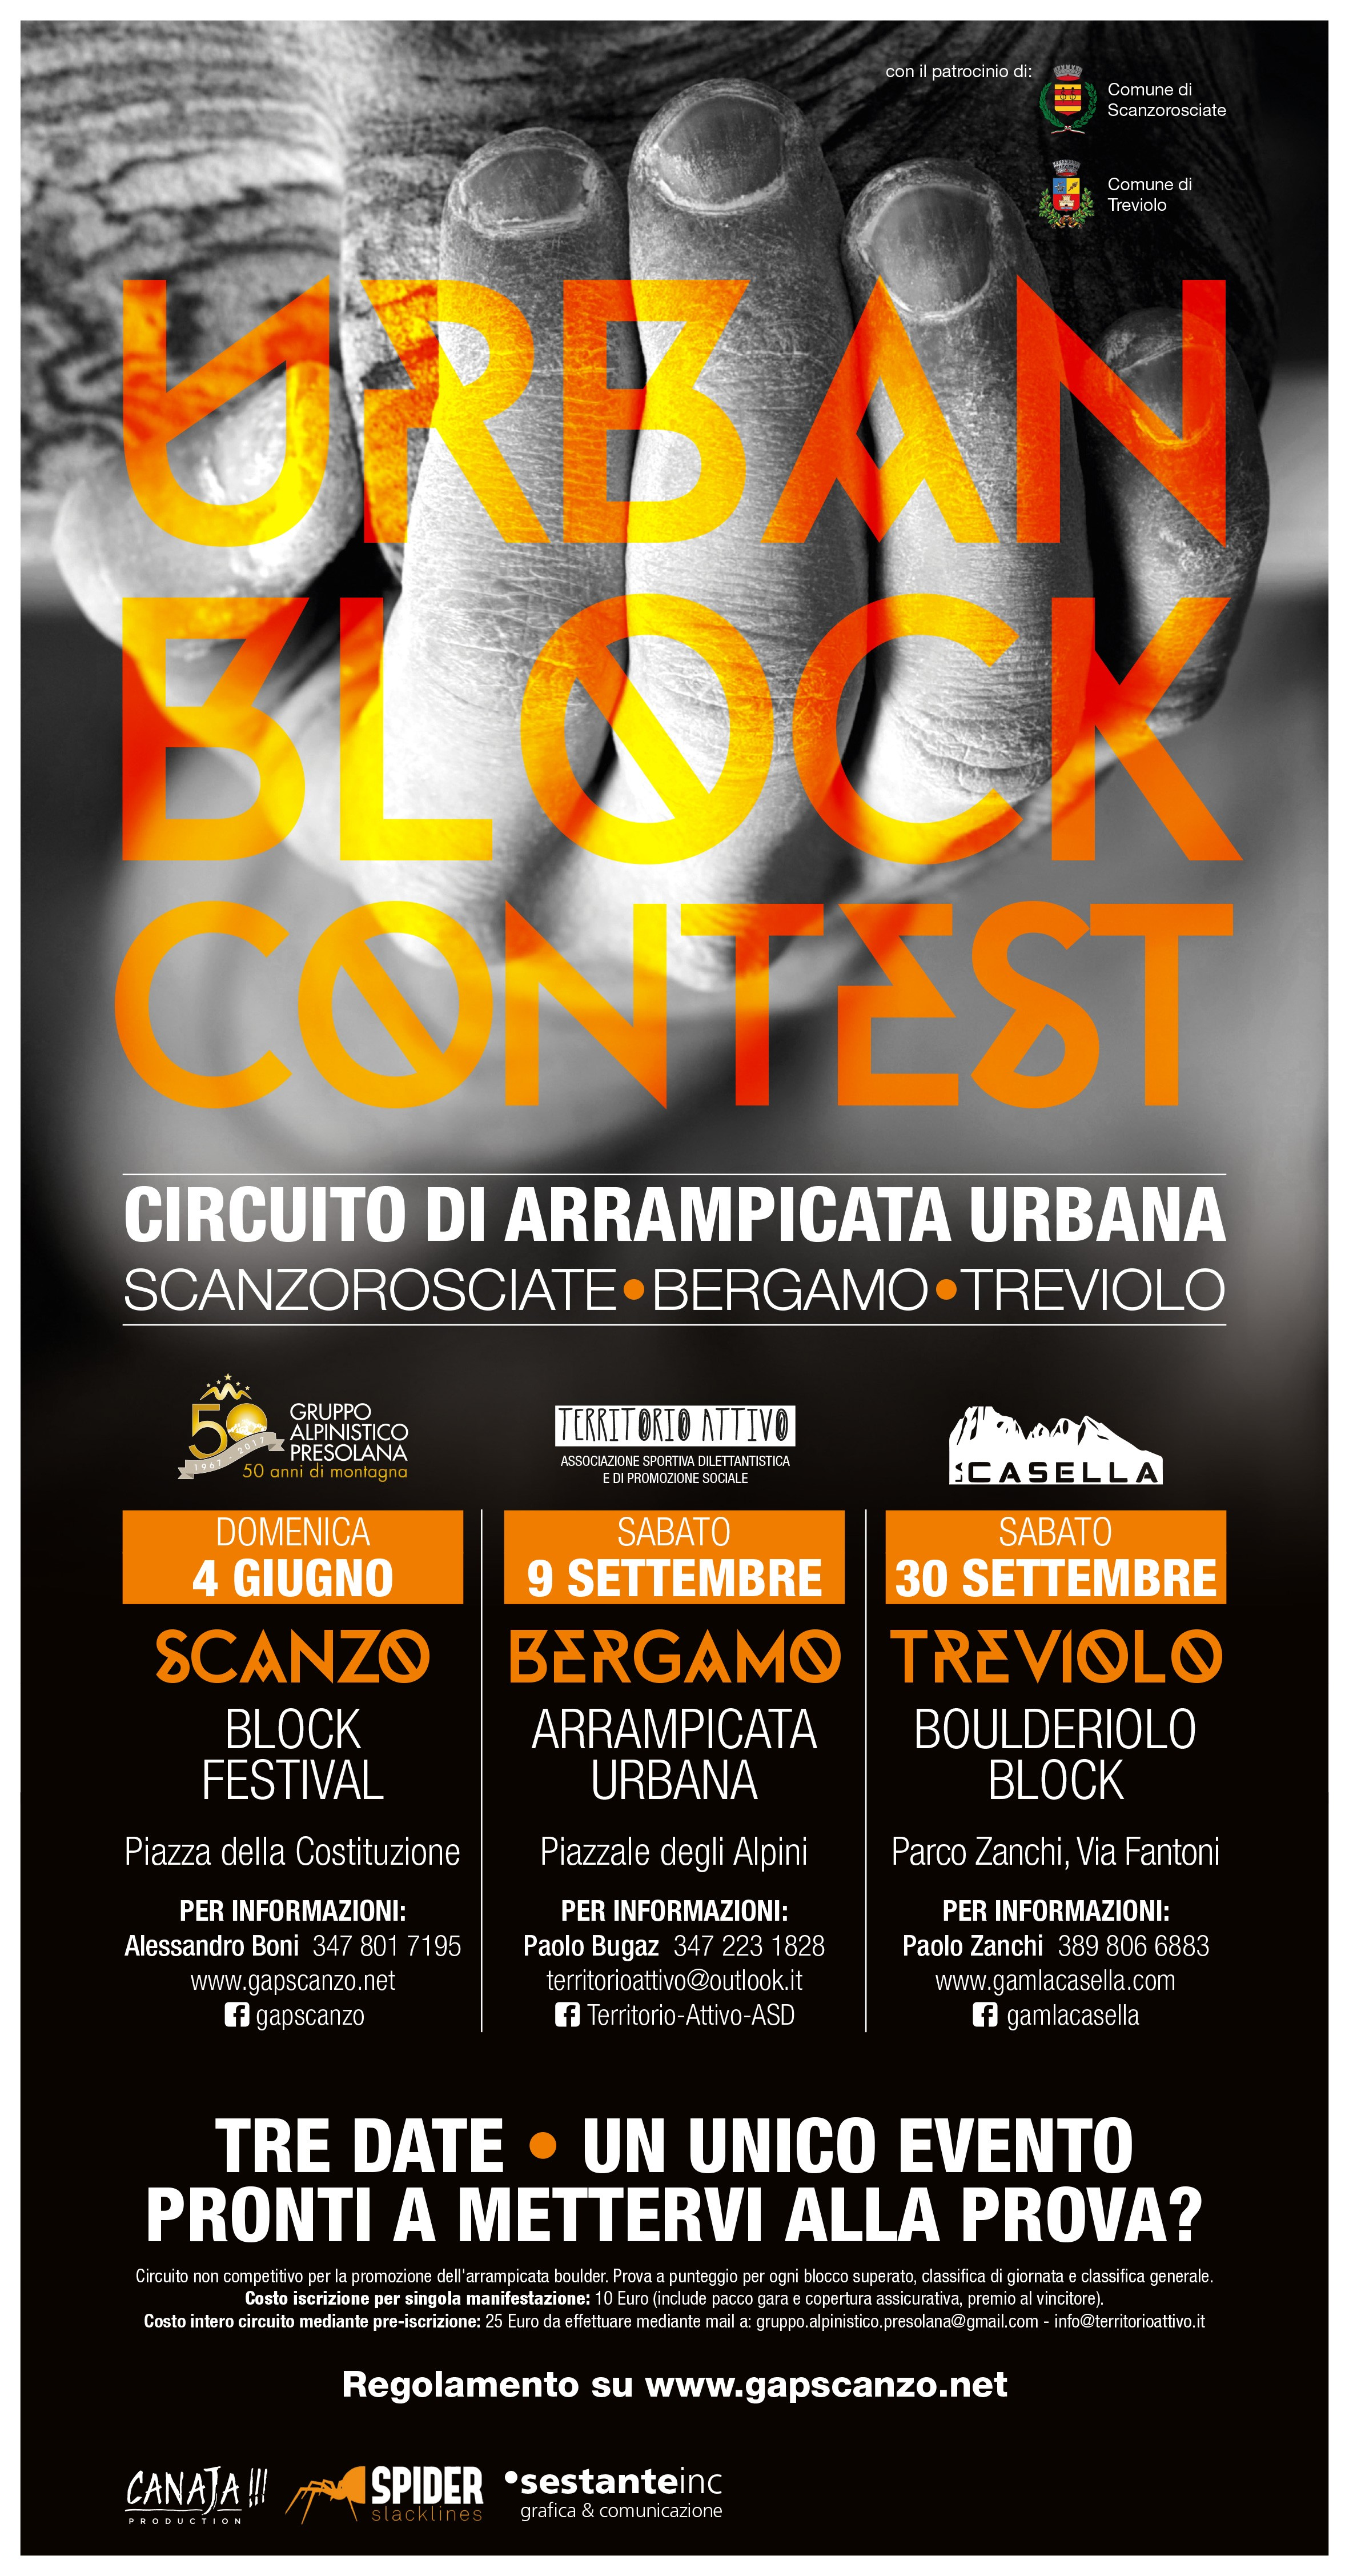 URBAN BLOCK CONTEST – Circuito di Arrampicata Urbana